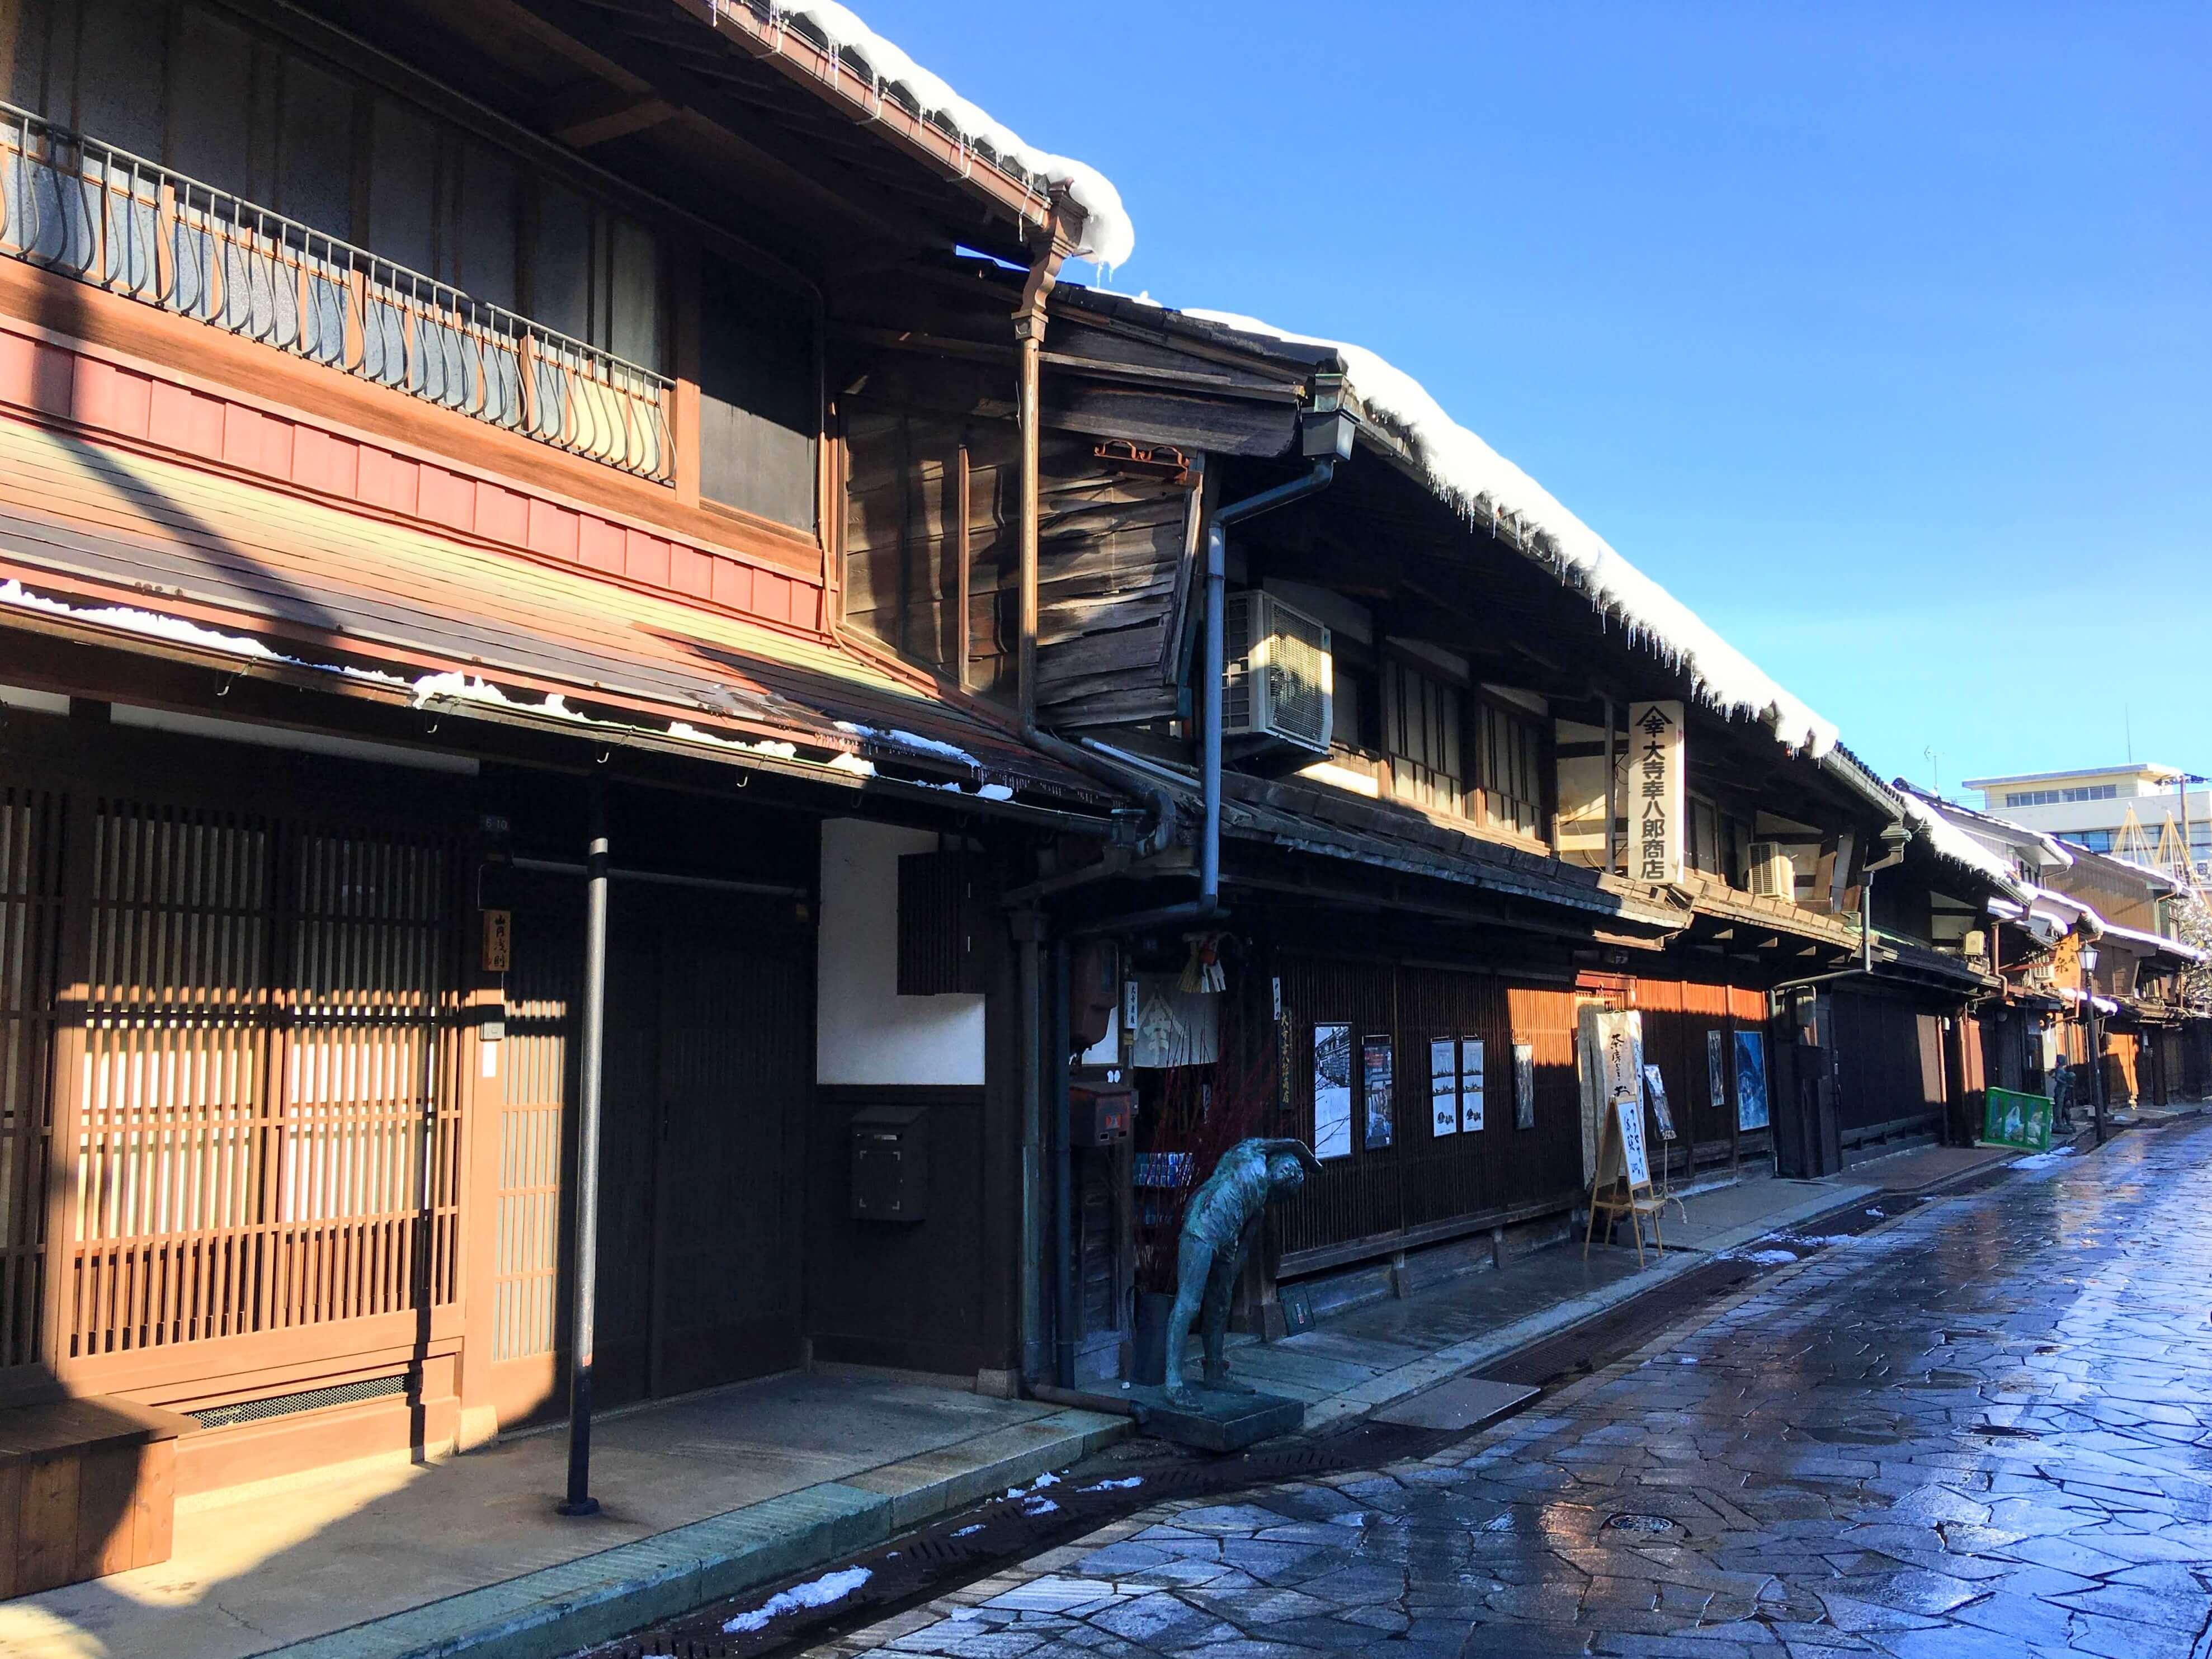 富山県高岡市に移住、金屋町のレトロな街並み